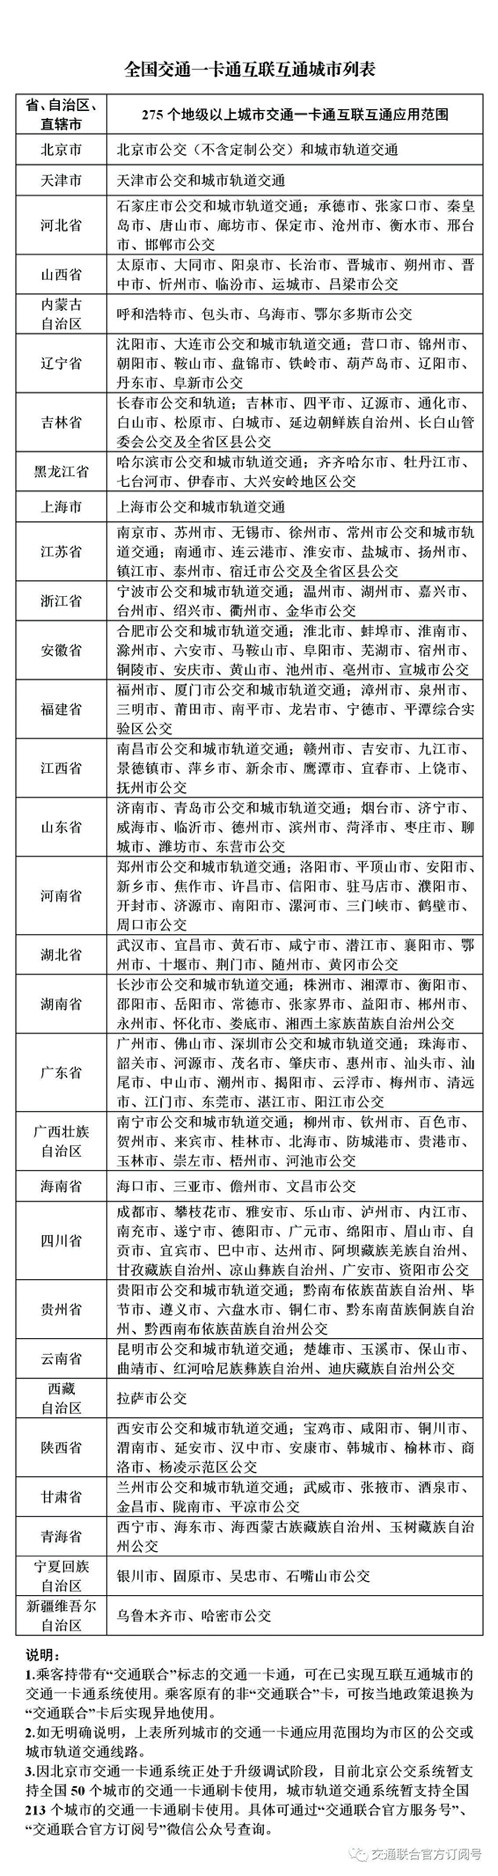 Apple Pay新增京津冀、深圳互联互通, 支持全国275城公共交通